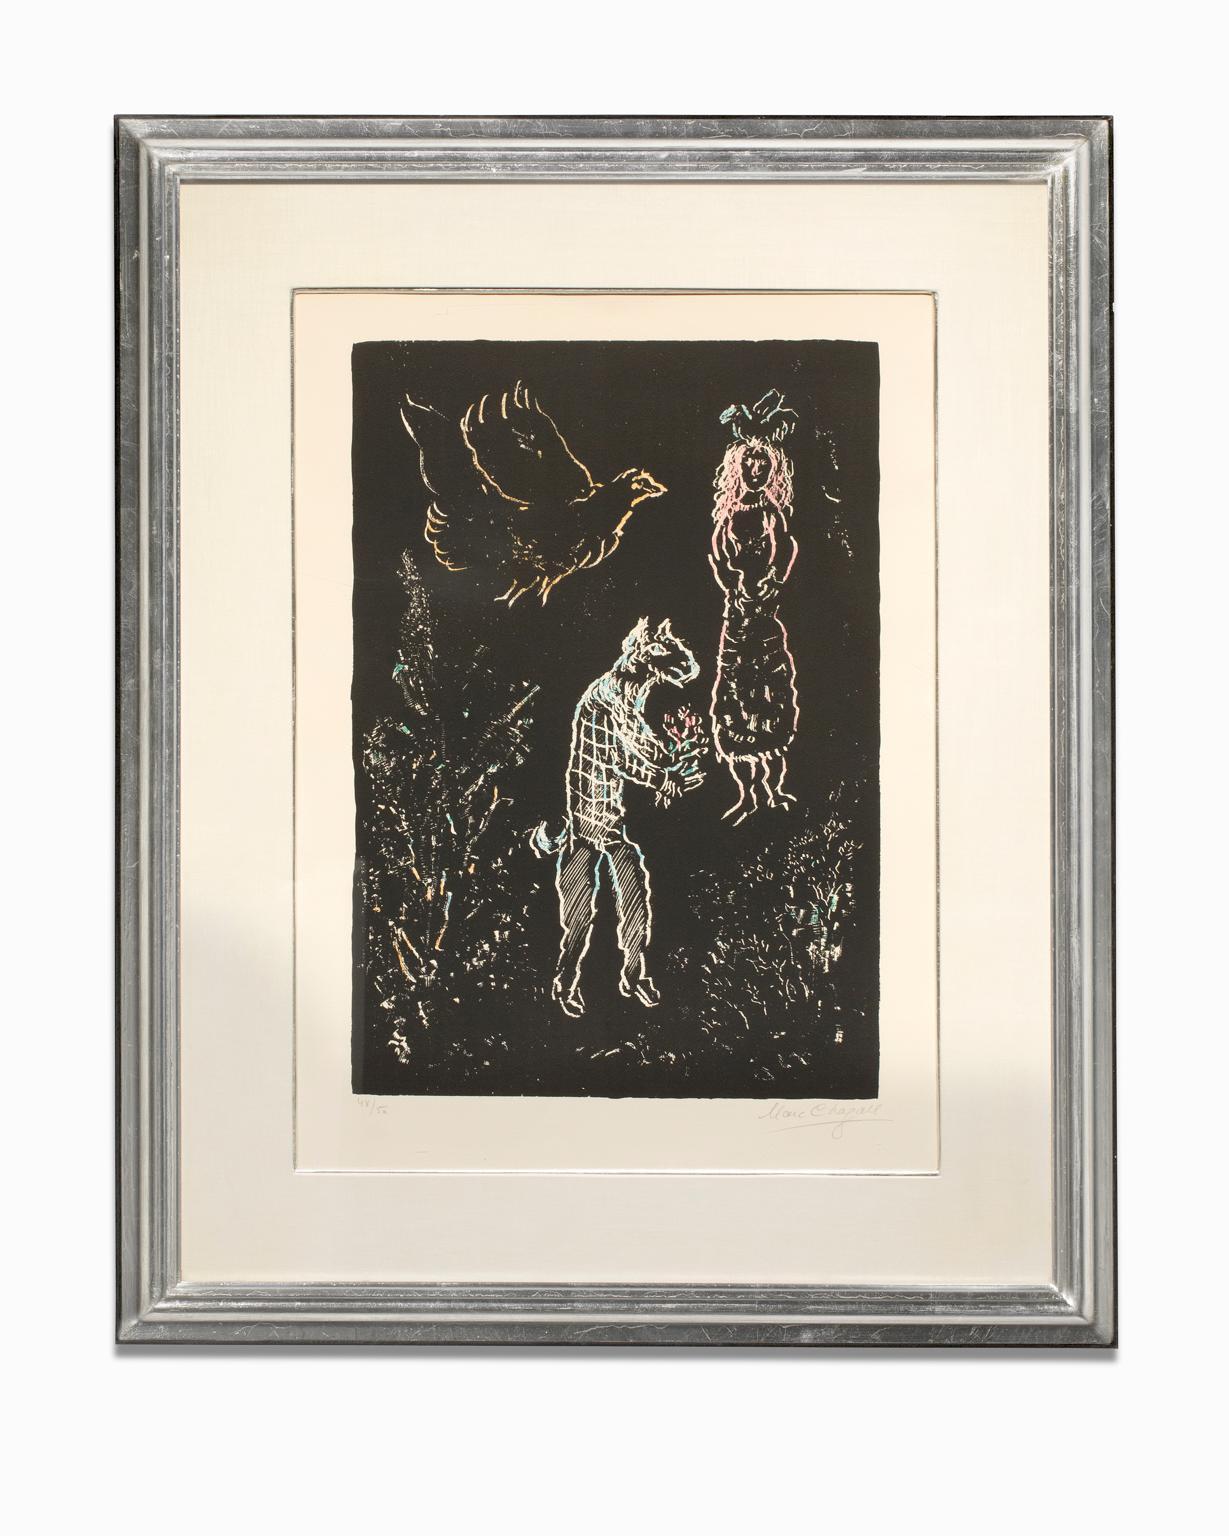 """""""Nuit d'été (Summer's Night)"""" Lithograph, Colors, Linear Figures on Black Ground"""